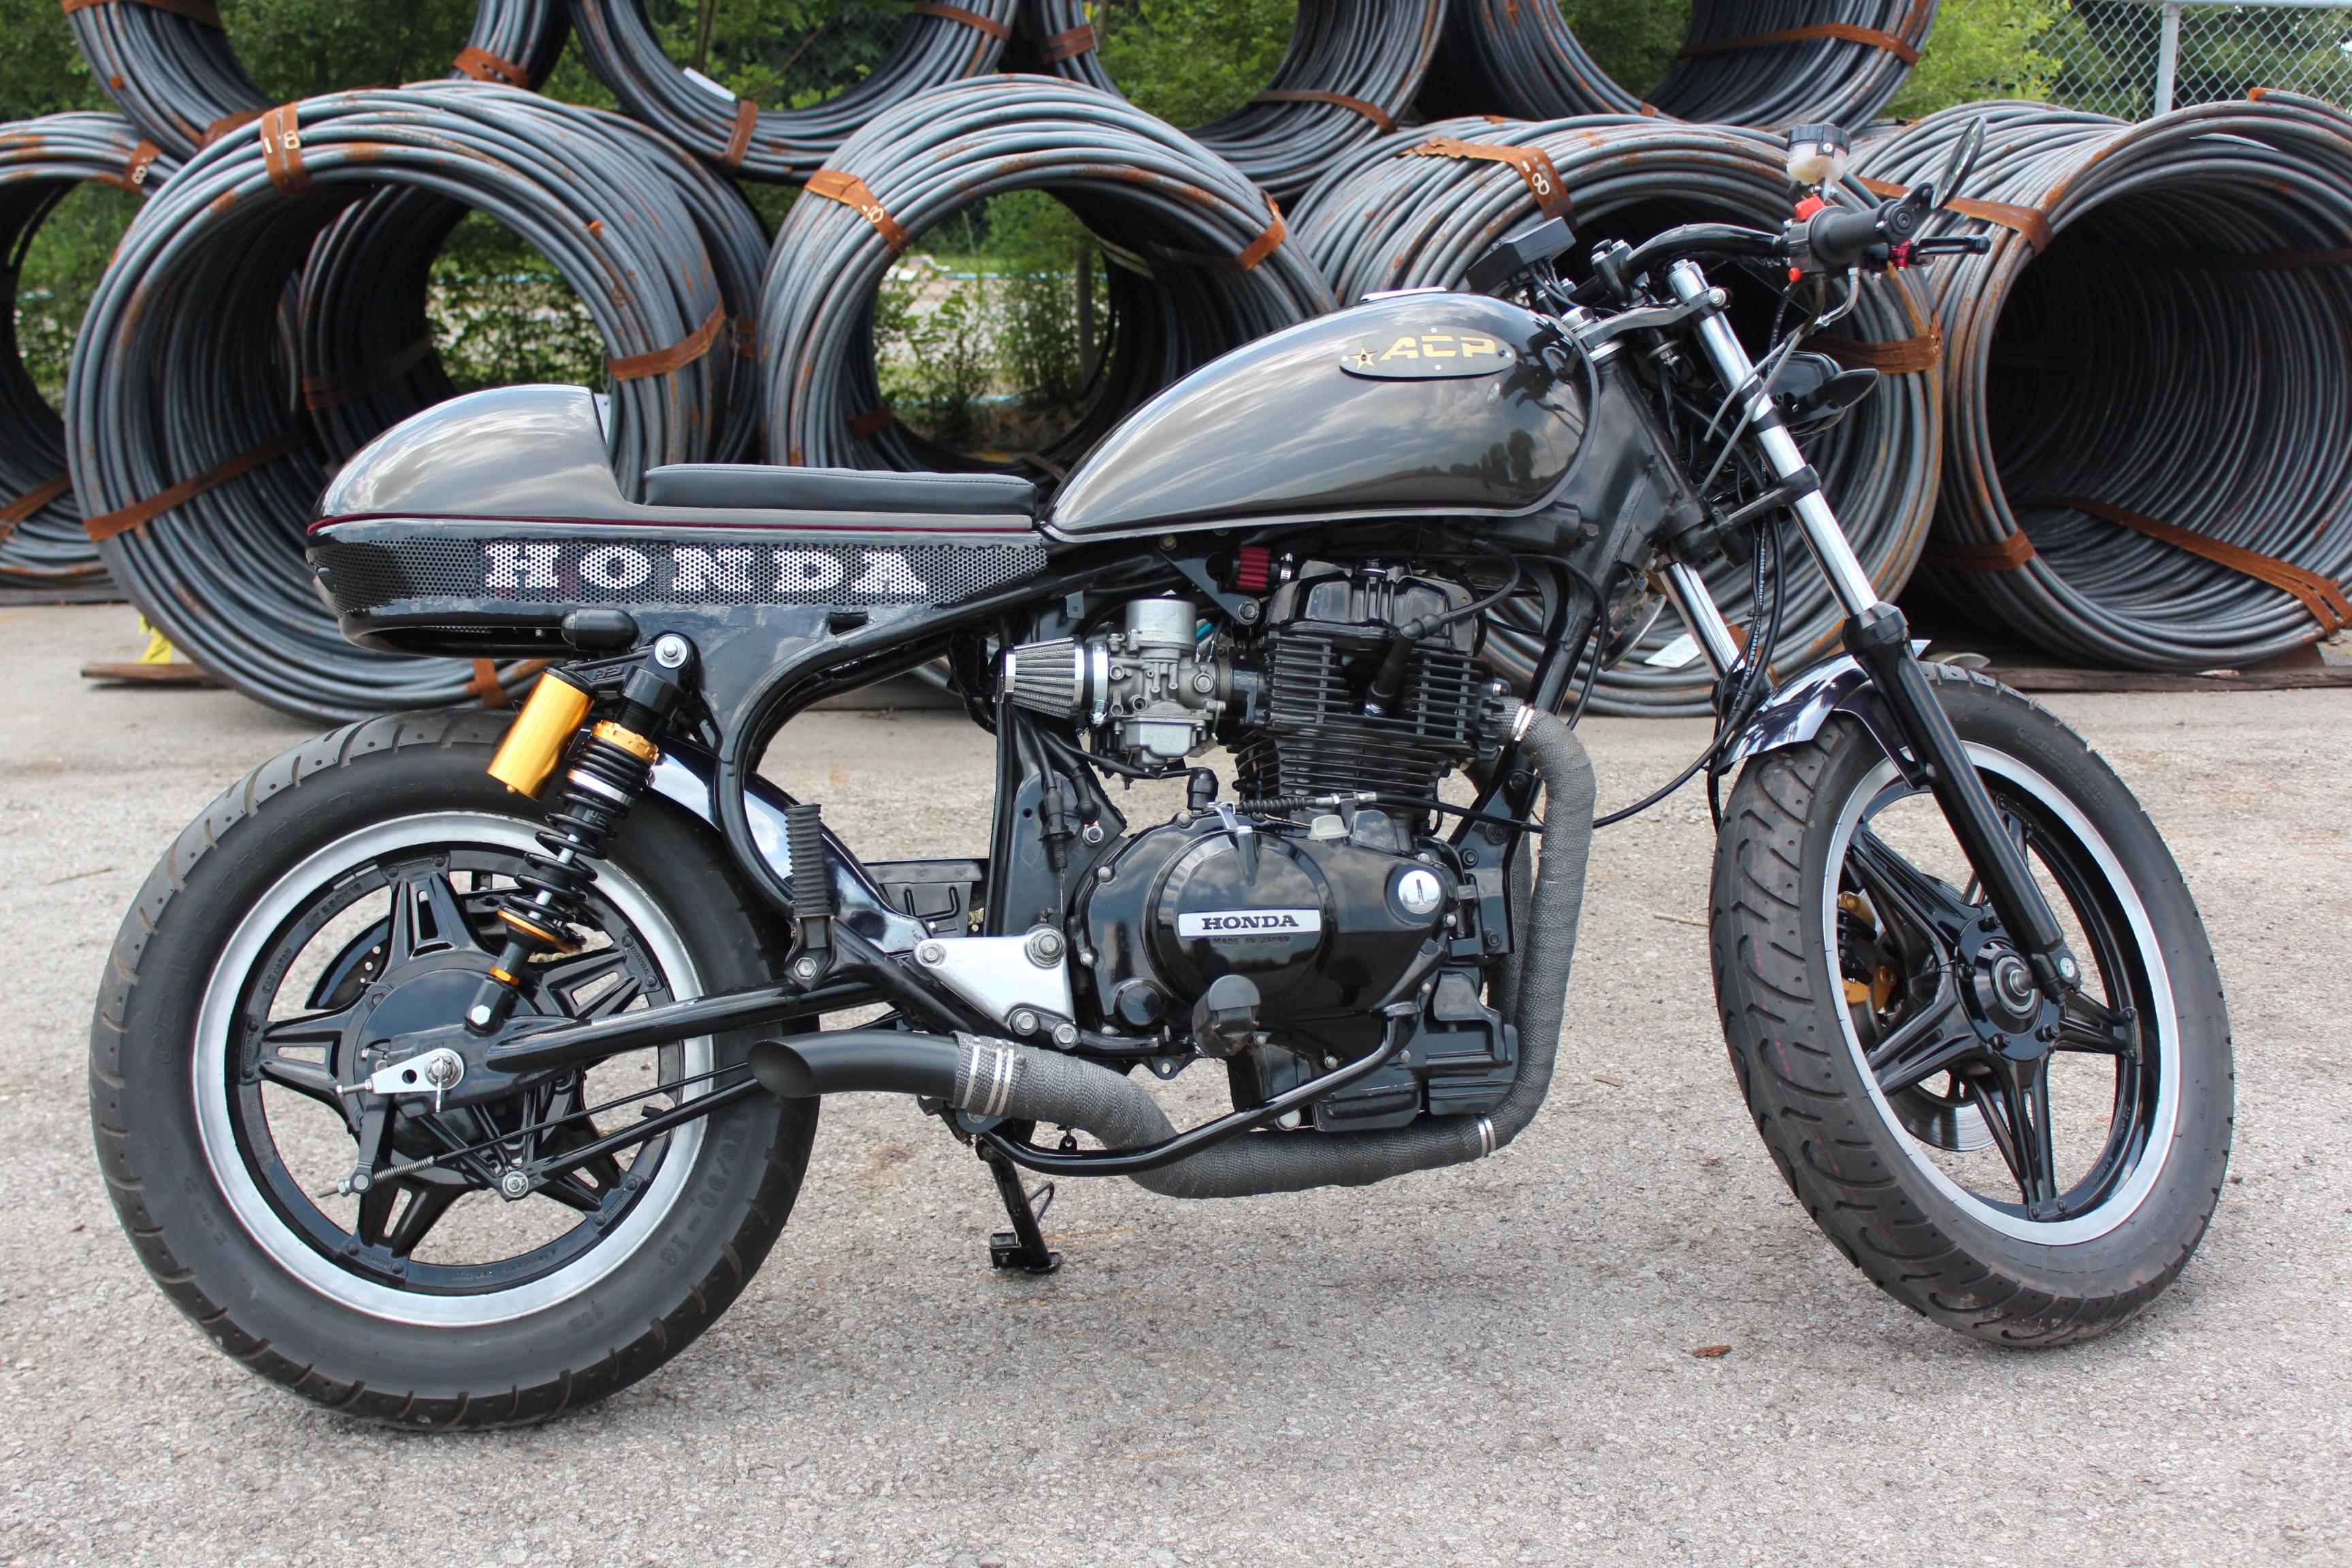 82 CM450e Cafe Racer / Brat inspired-img_5431.jpg ...